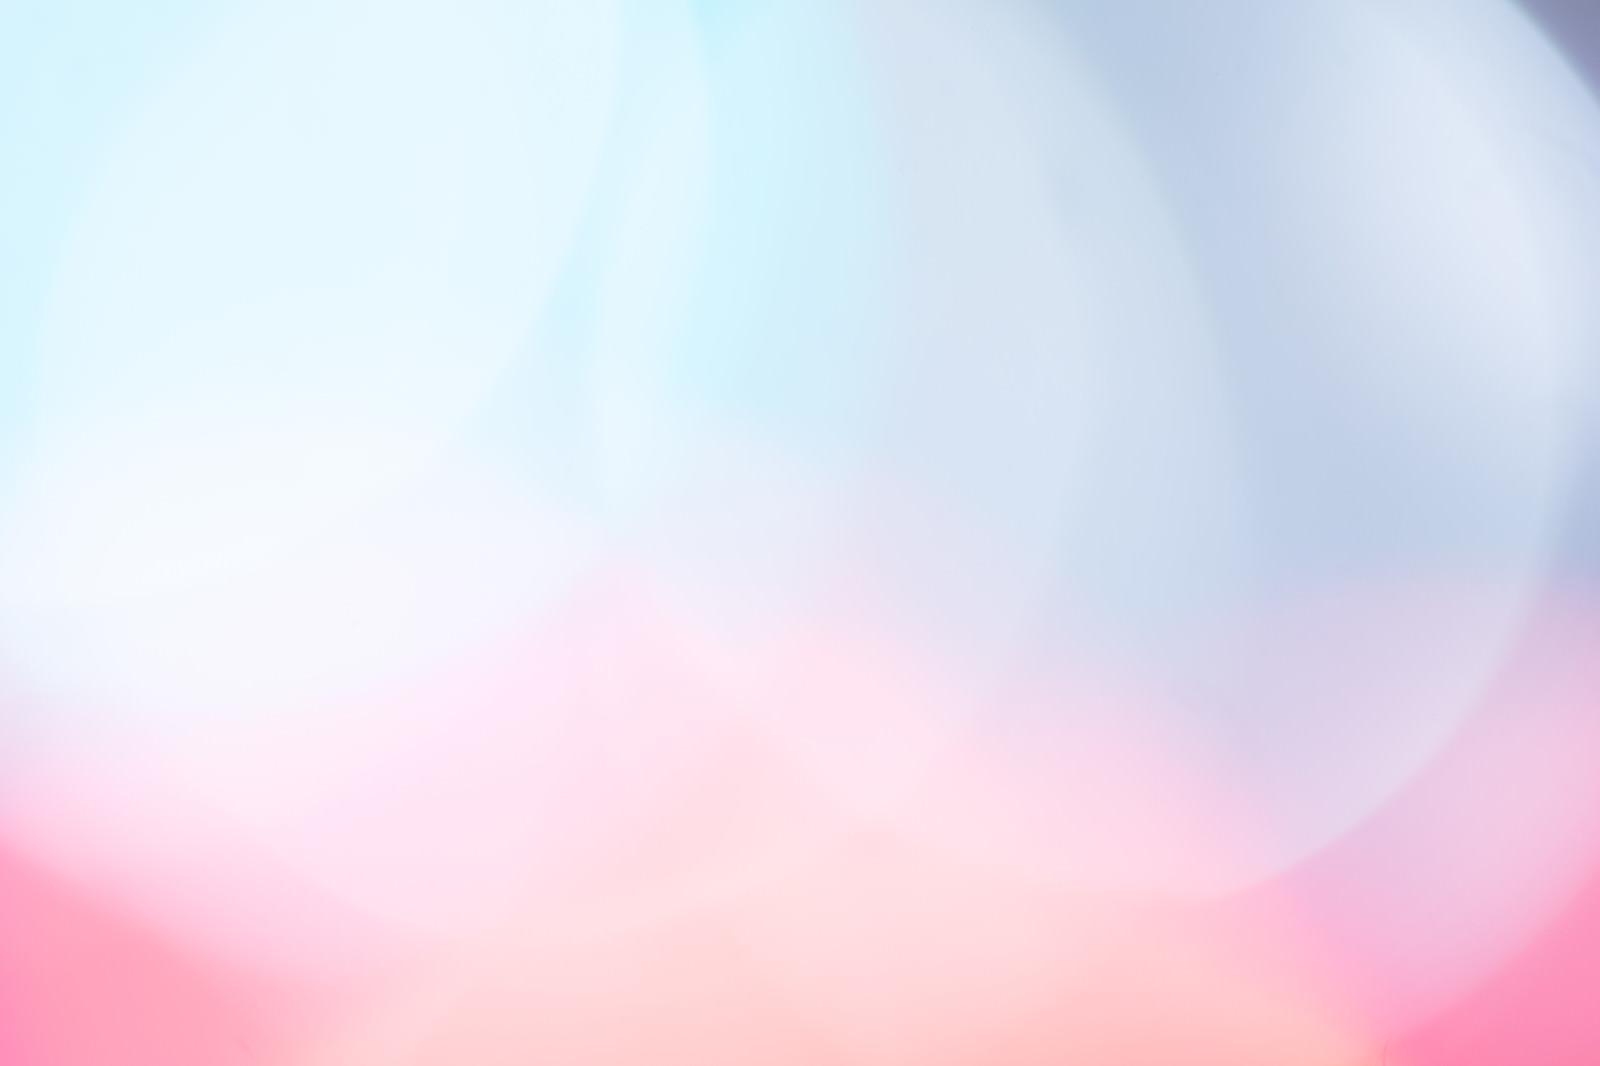 「鮮やかな丸ボケの光が重なり合う」の写真